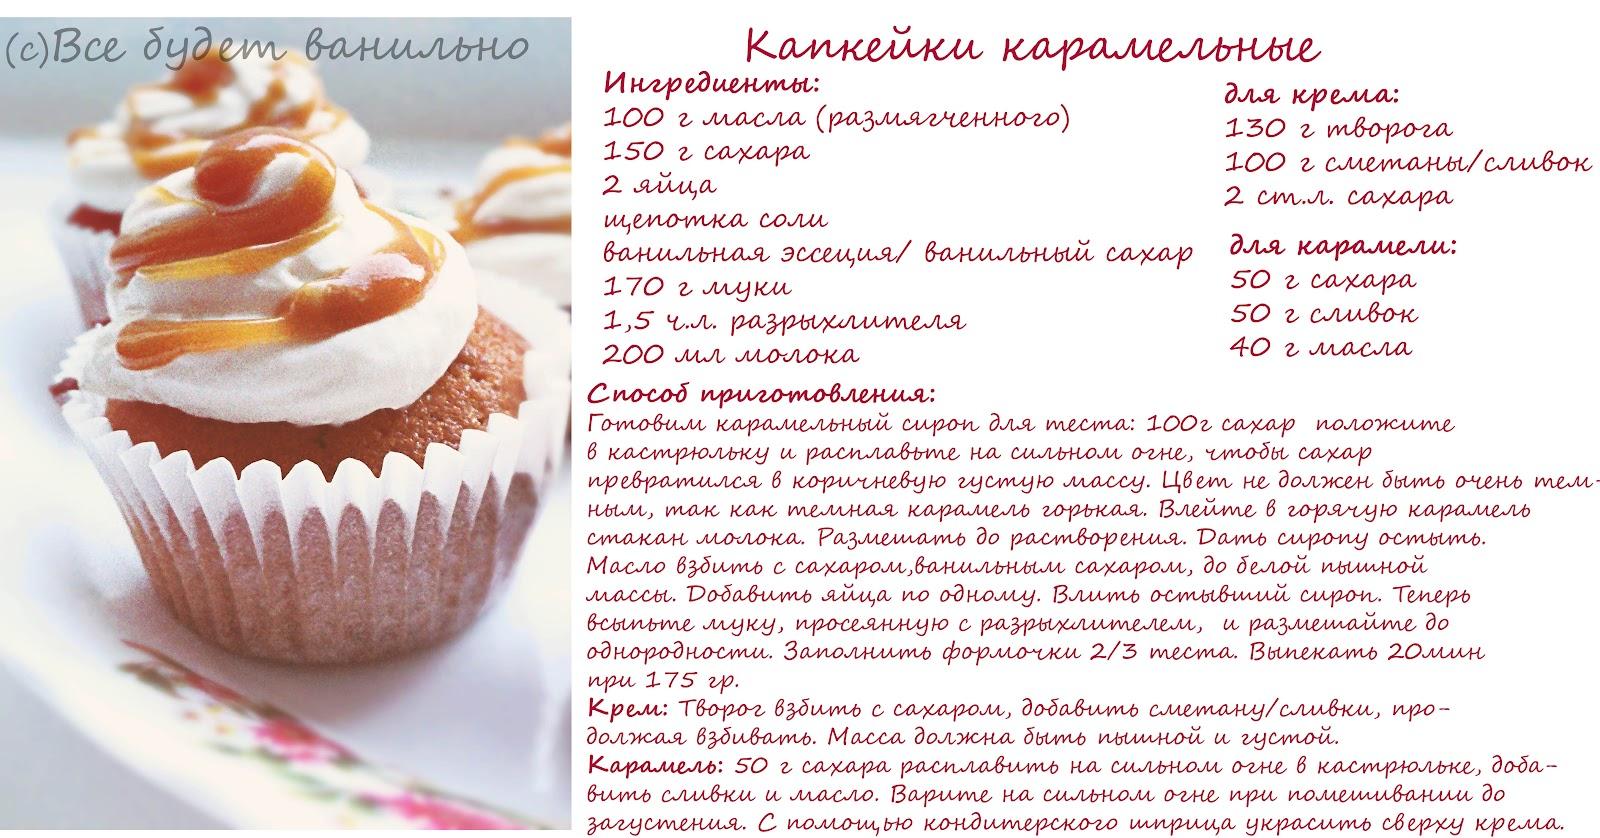 Рецепты капкейков с начинкой в домашних условиях простые